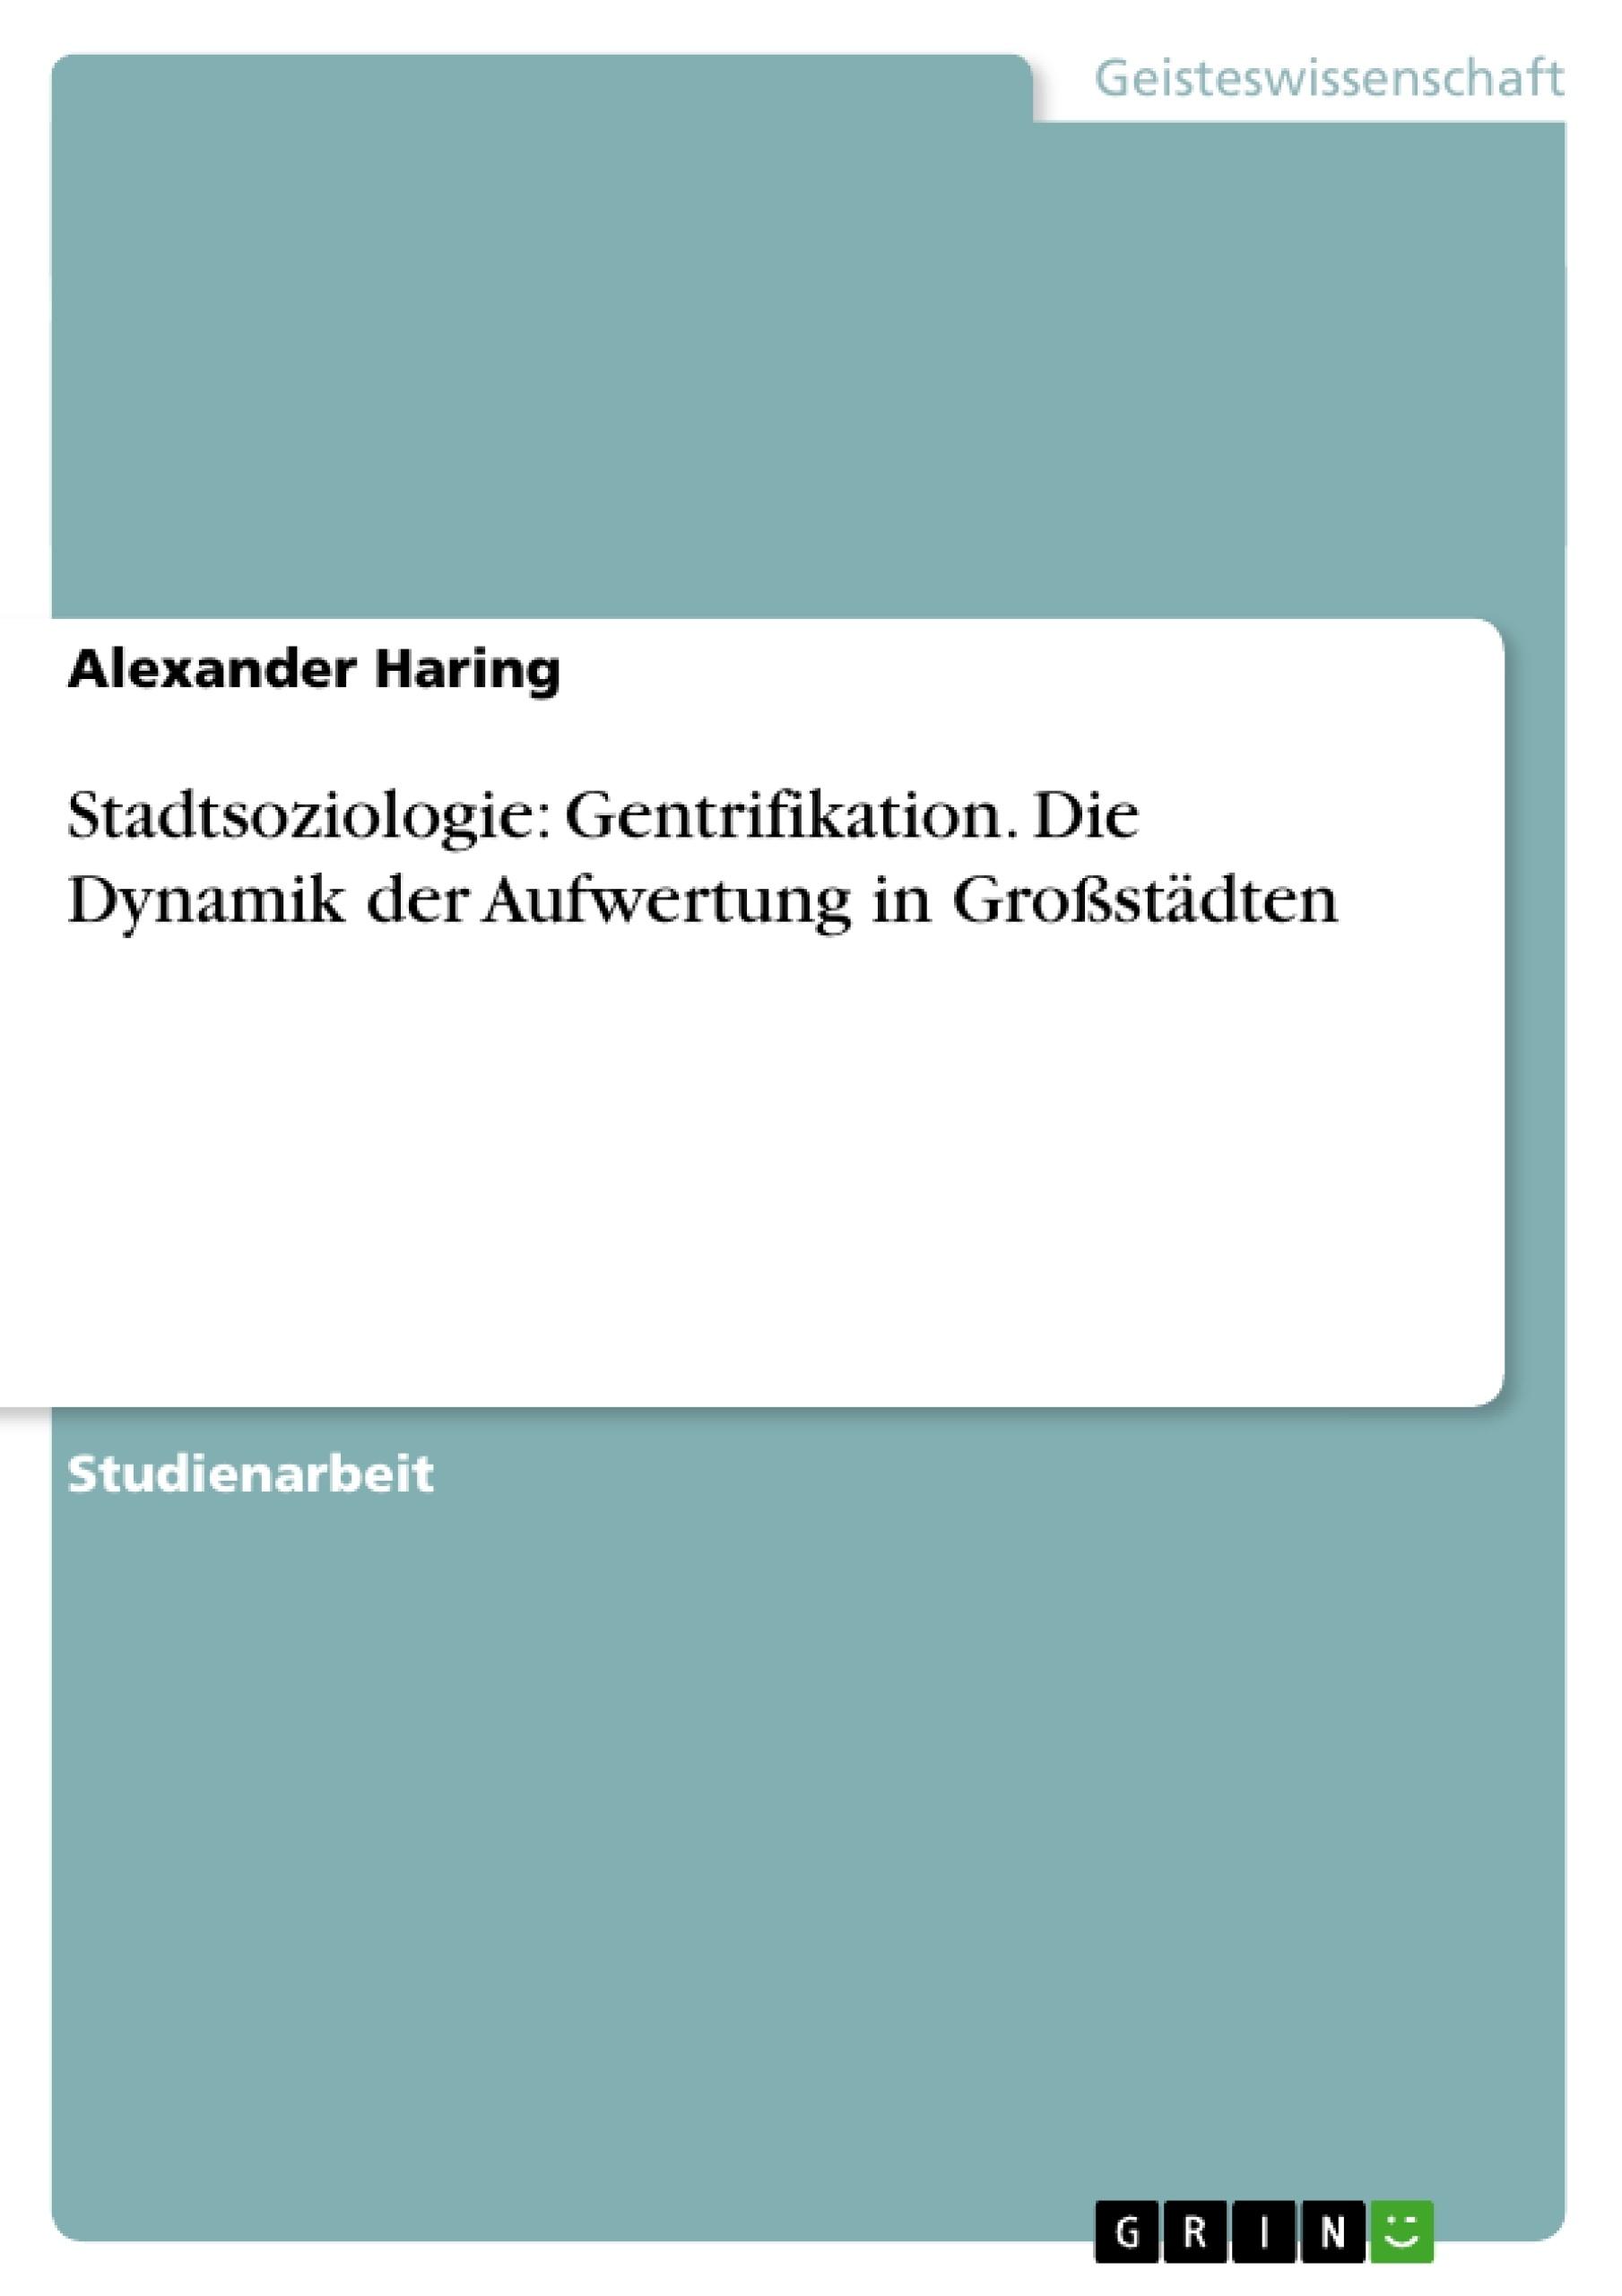 Titel: Stadtsoziologie: Gentrifikation. Die Dynamik der Aufwertung in Großstädten